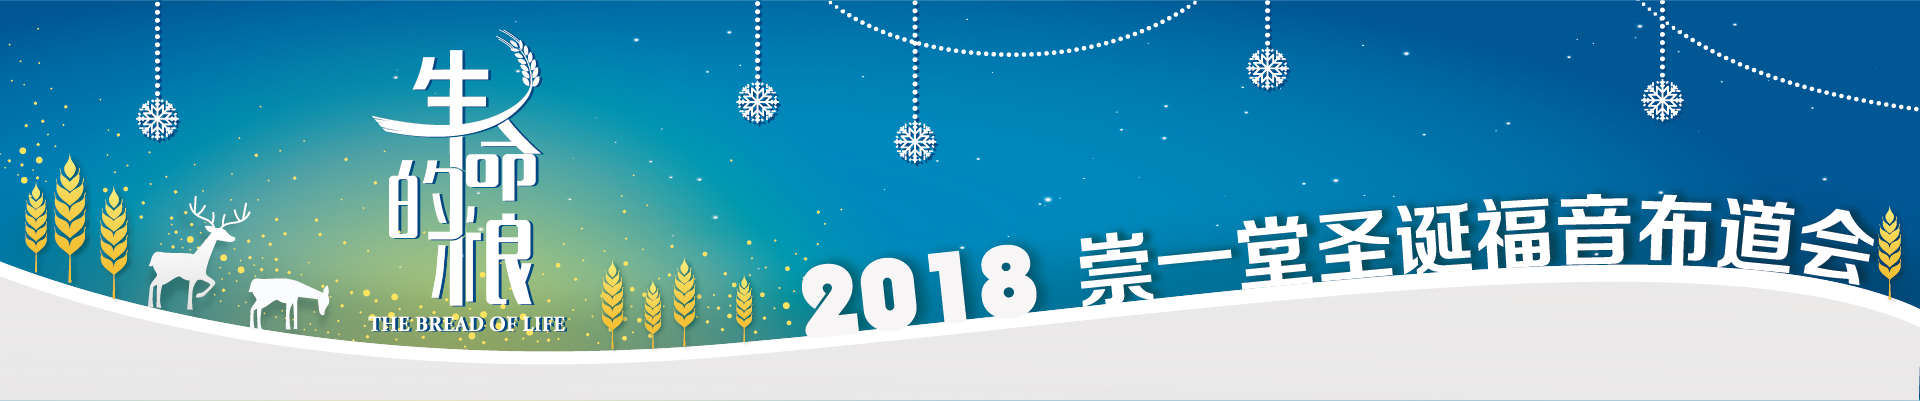 """崇一堂2018年""""生命的粮""""圣诞福音布道会"""